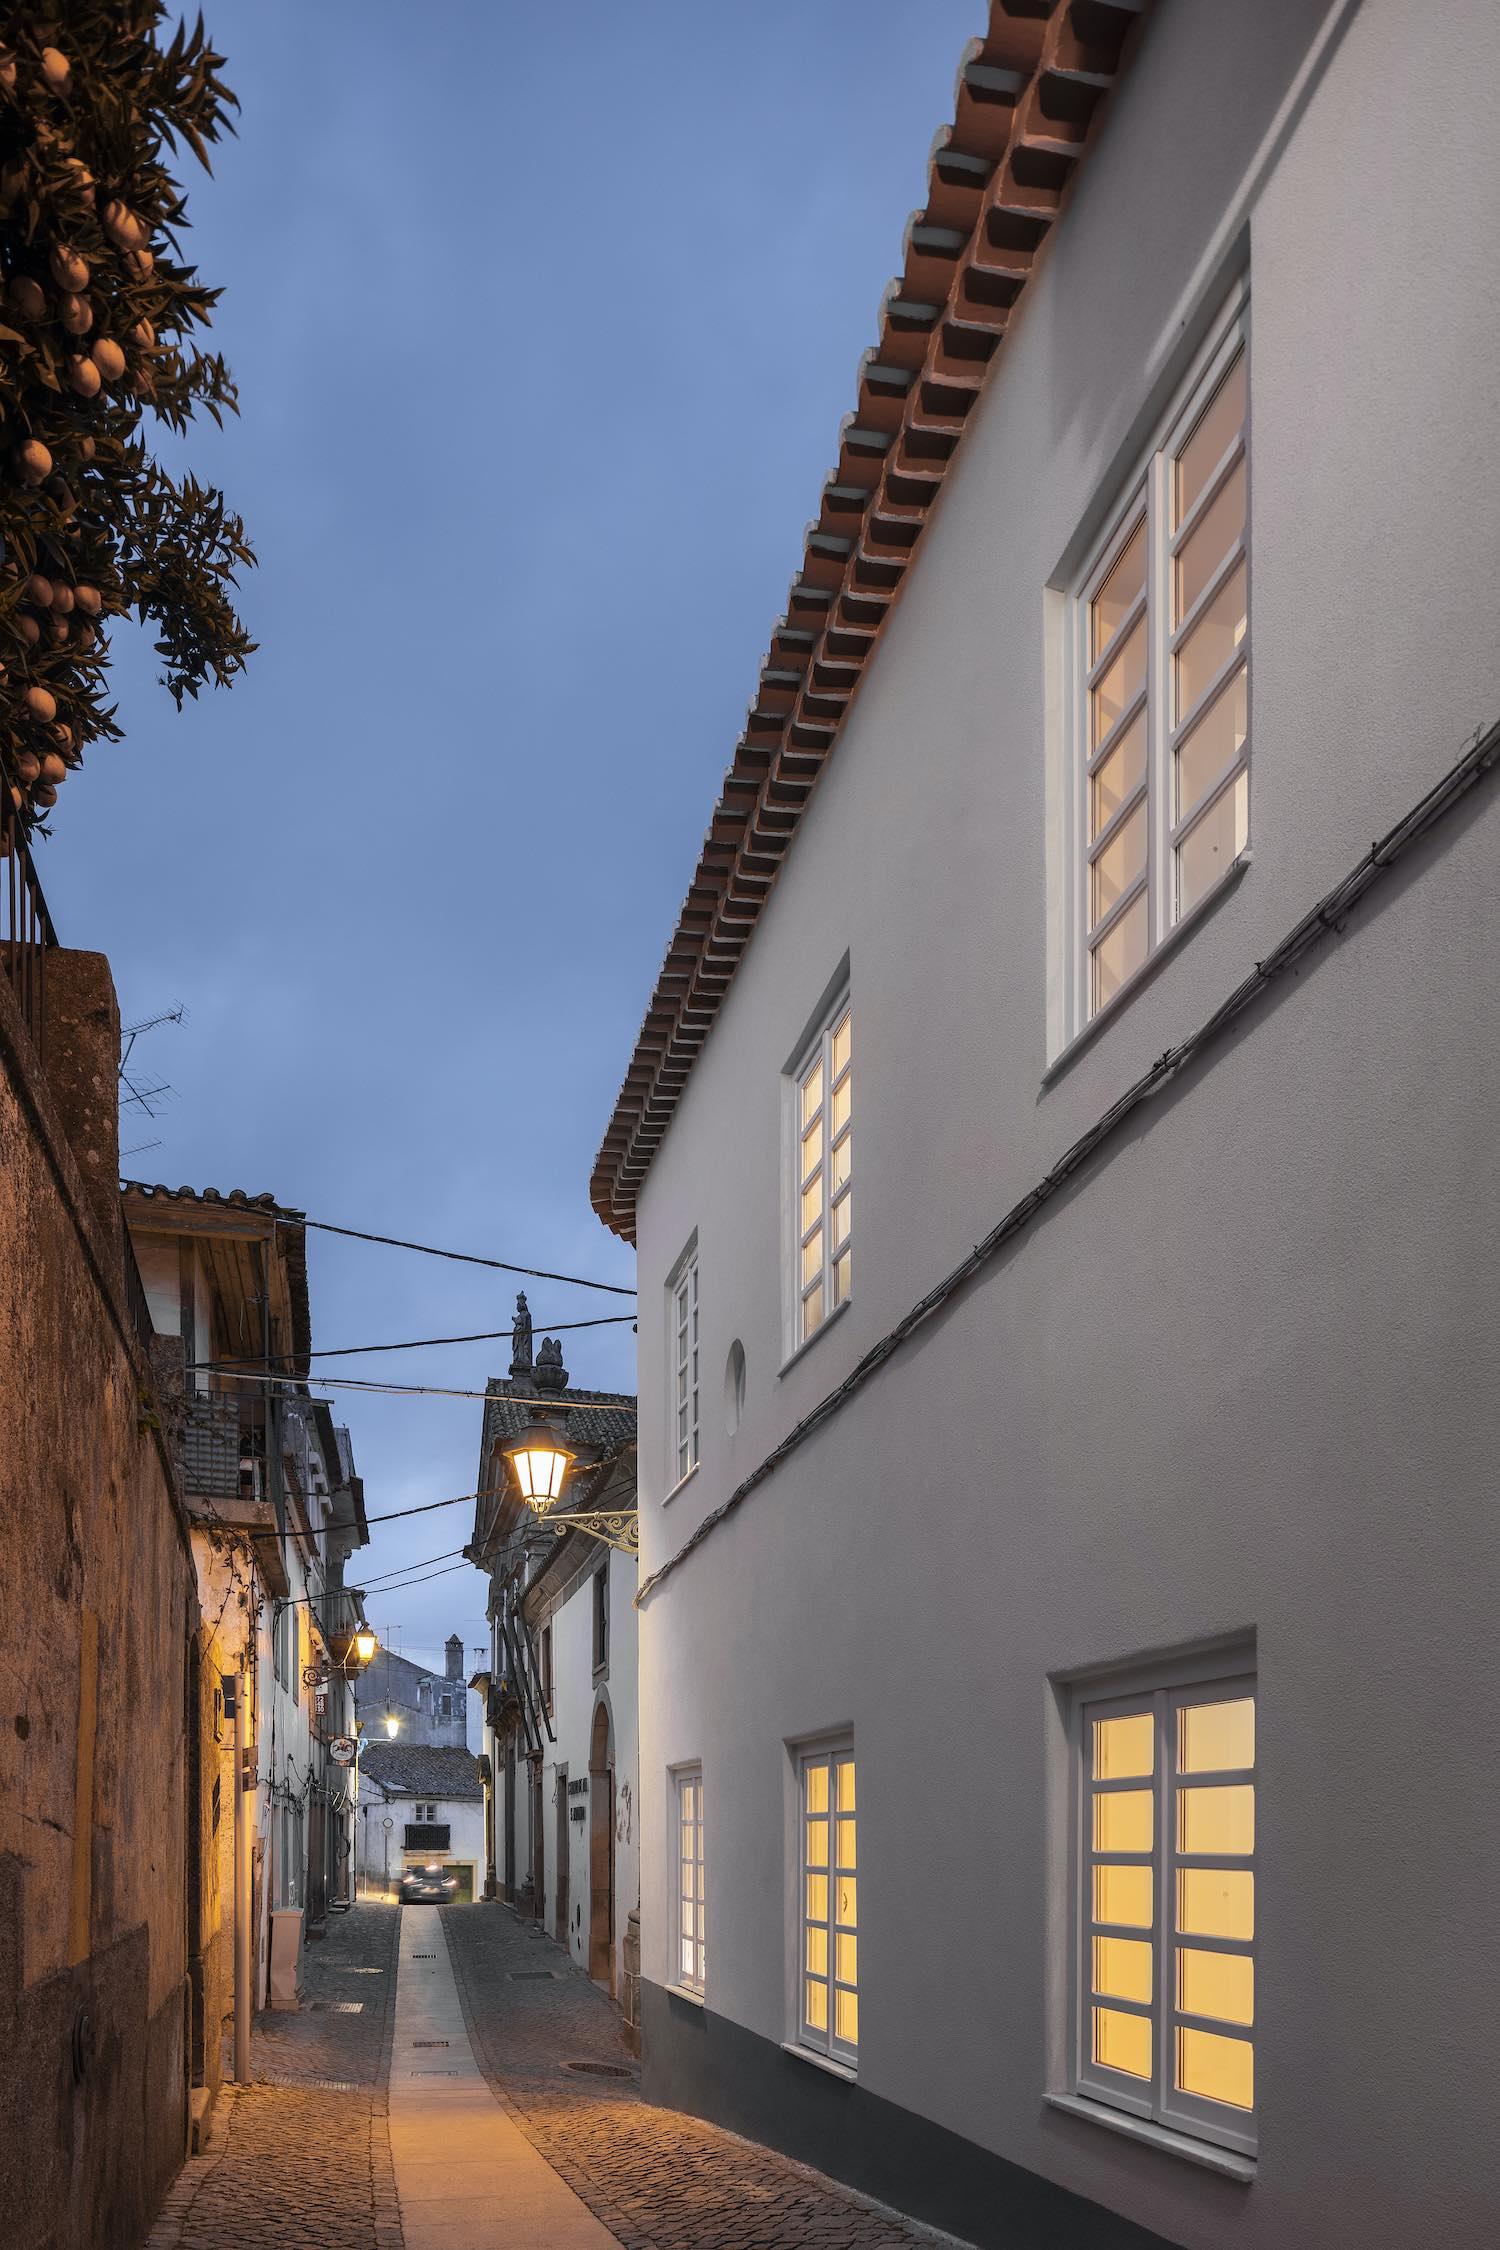 narrow alley with illumination at night